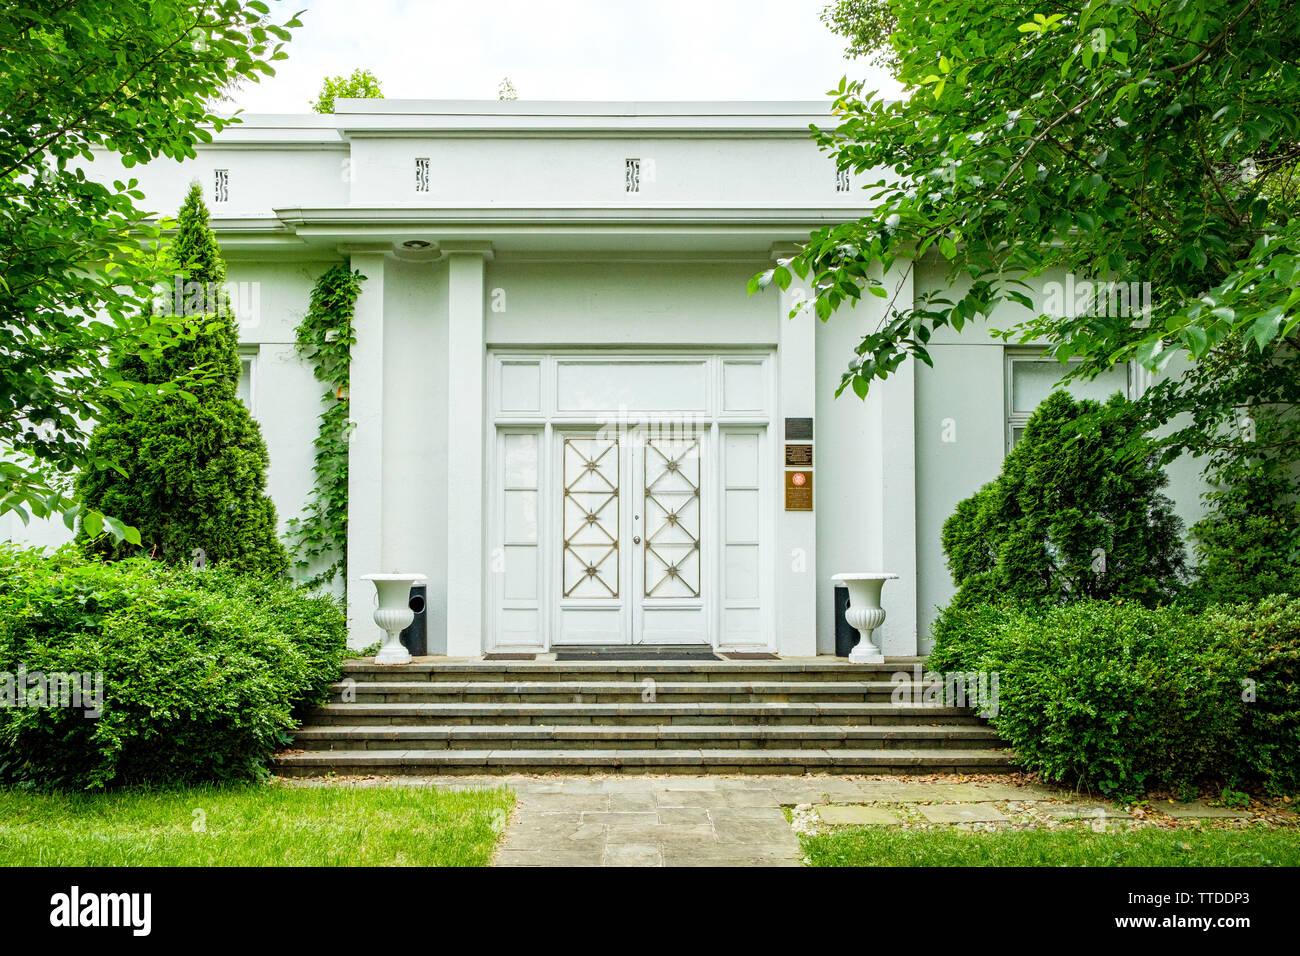 Bolivarian Hall of the Embassy of Venezuela, 2443 Massachusetts Avenue NW, Washington, DC - Stock Image